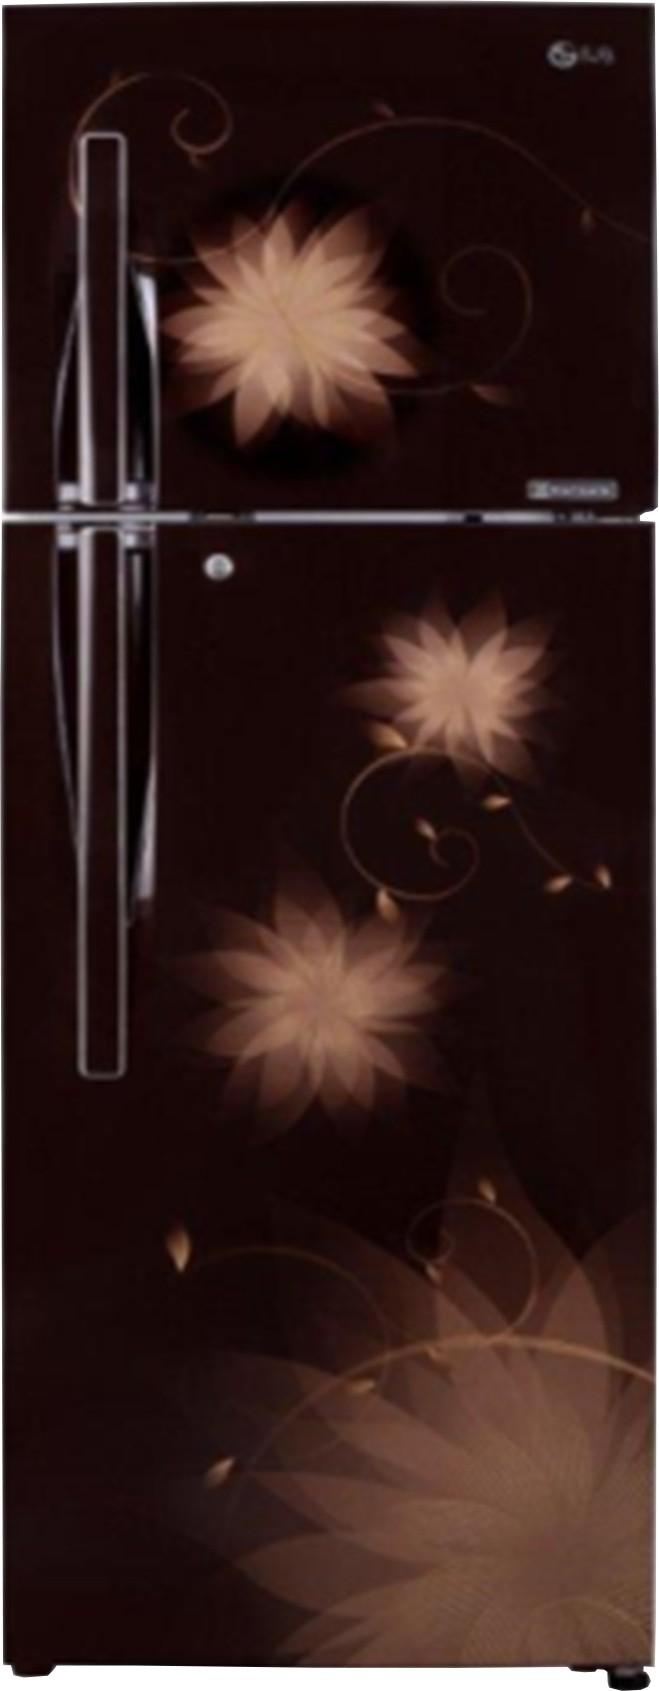 LG 260 L Frost Free Double Door Refrigerator (LG)  Buy Online